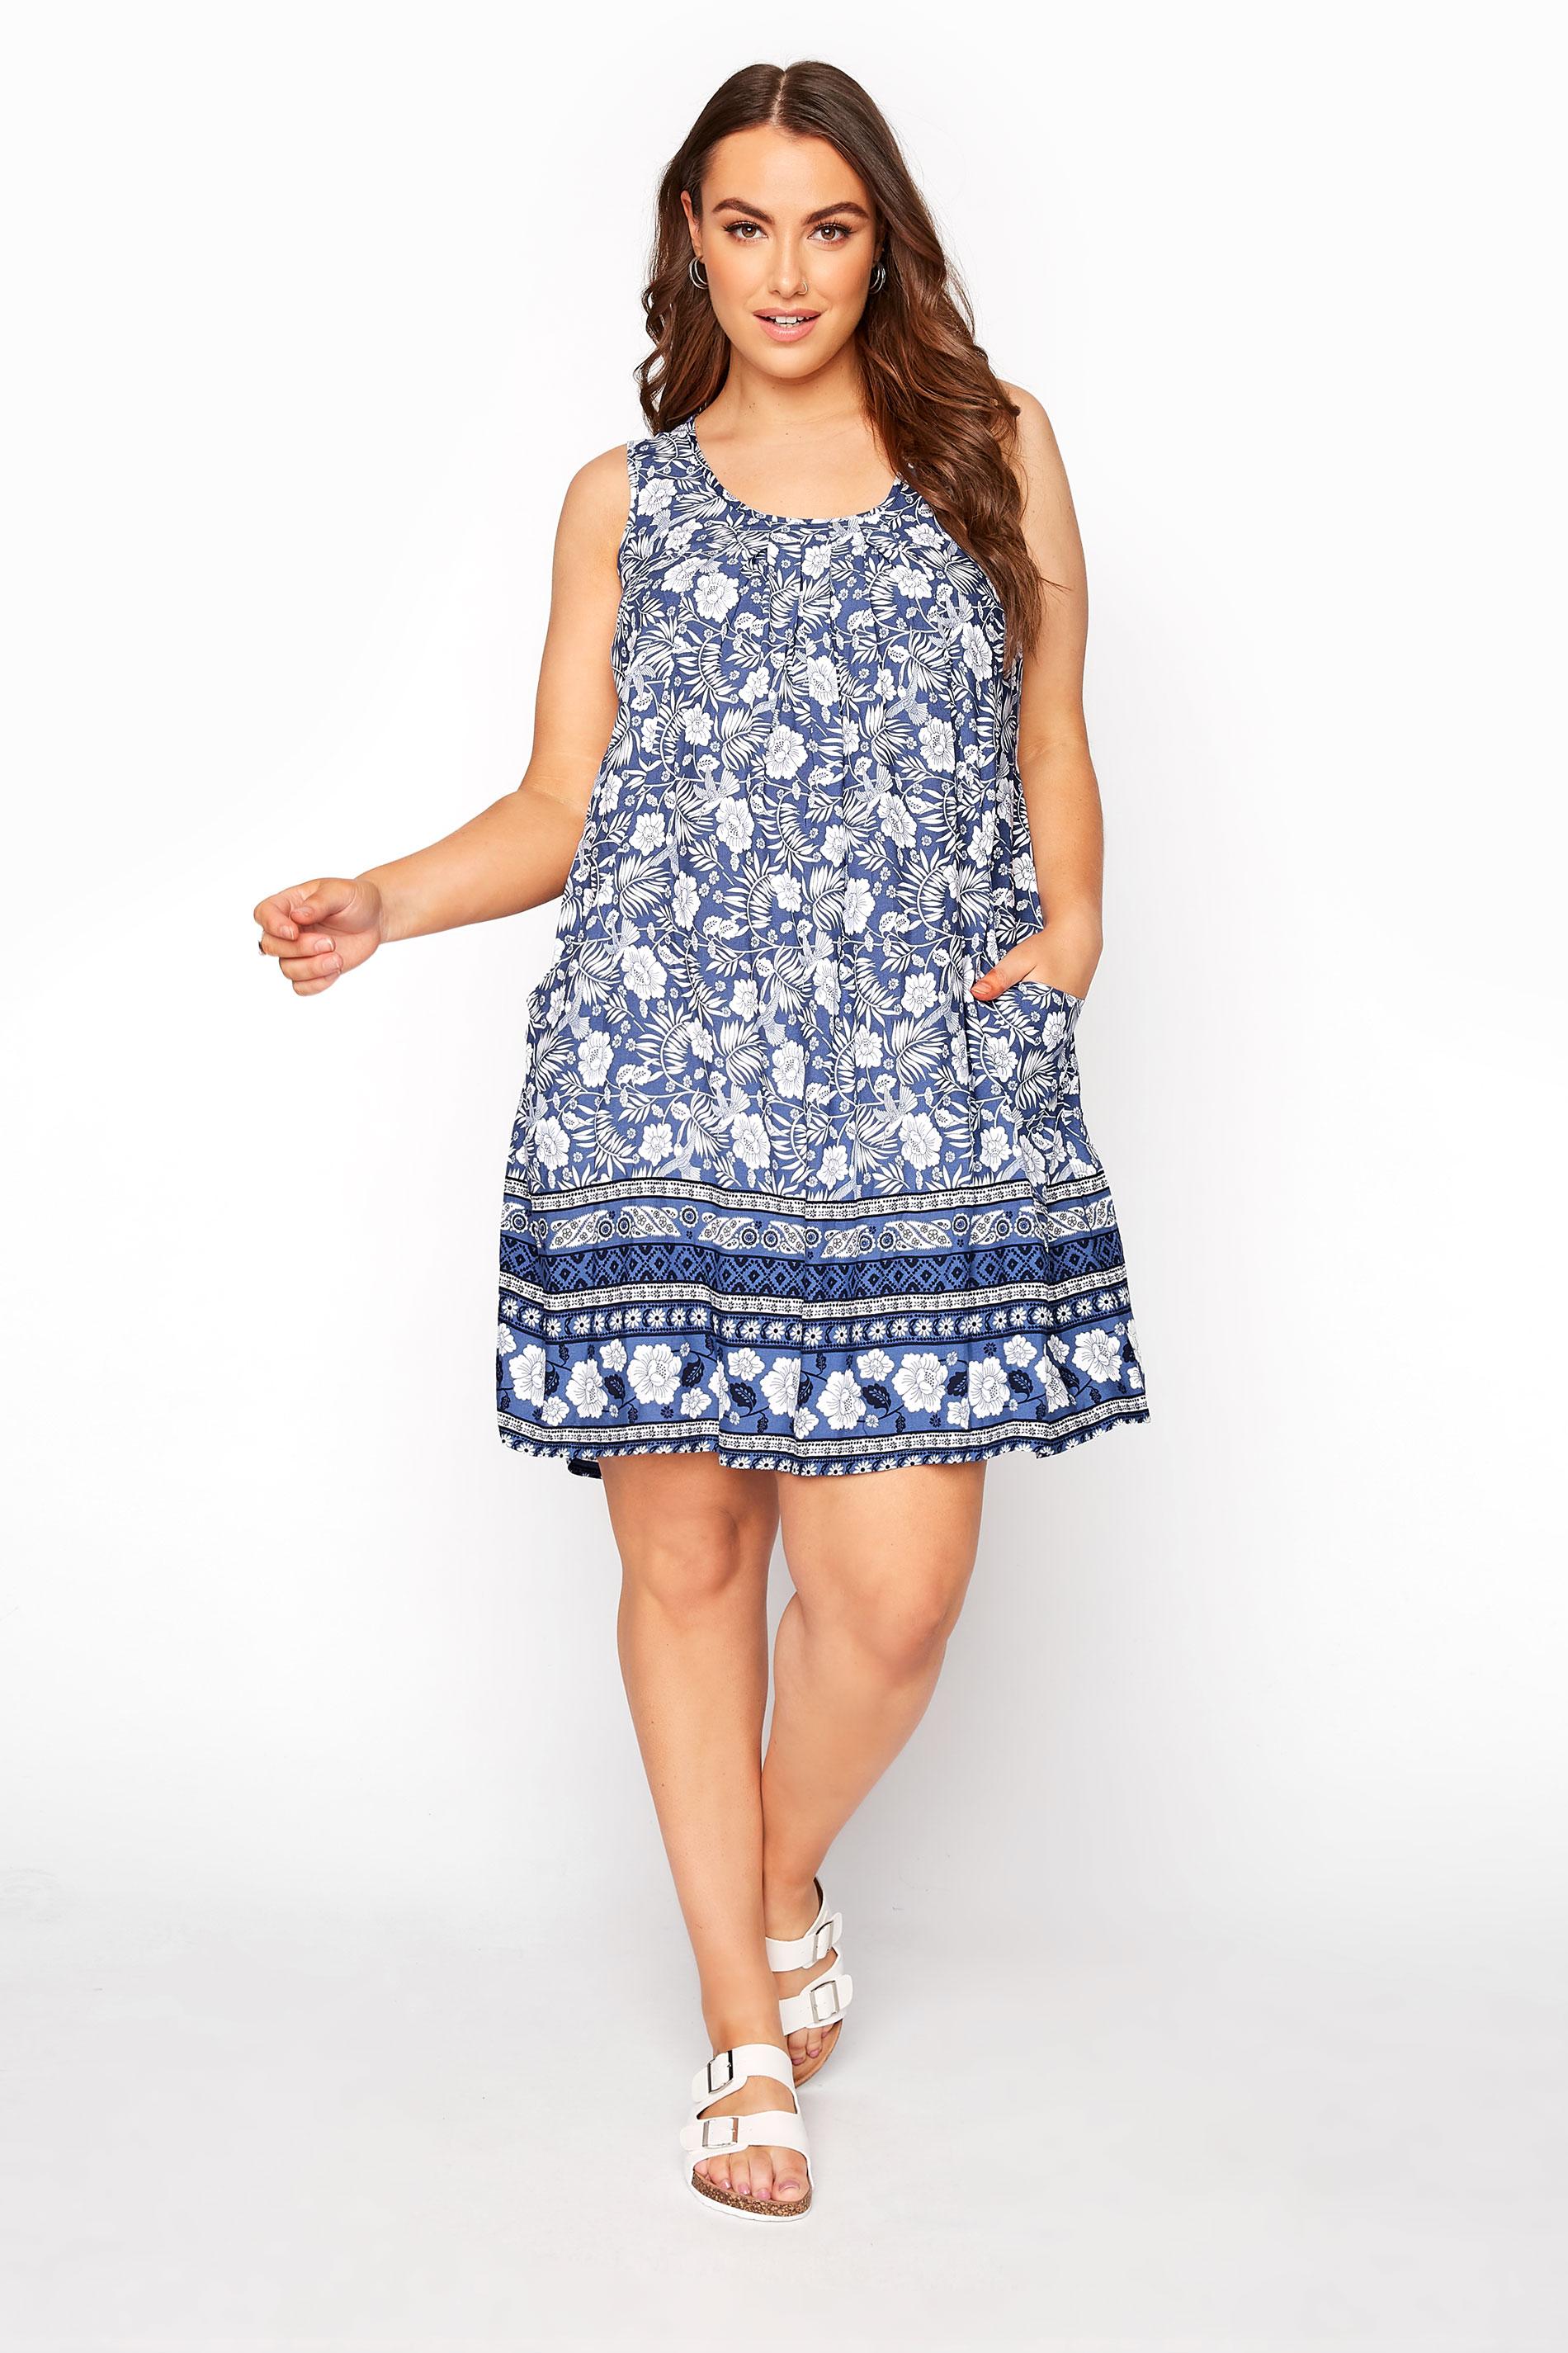 Blaues florales Kleid mit tief sitzenden Taschen